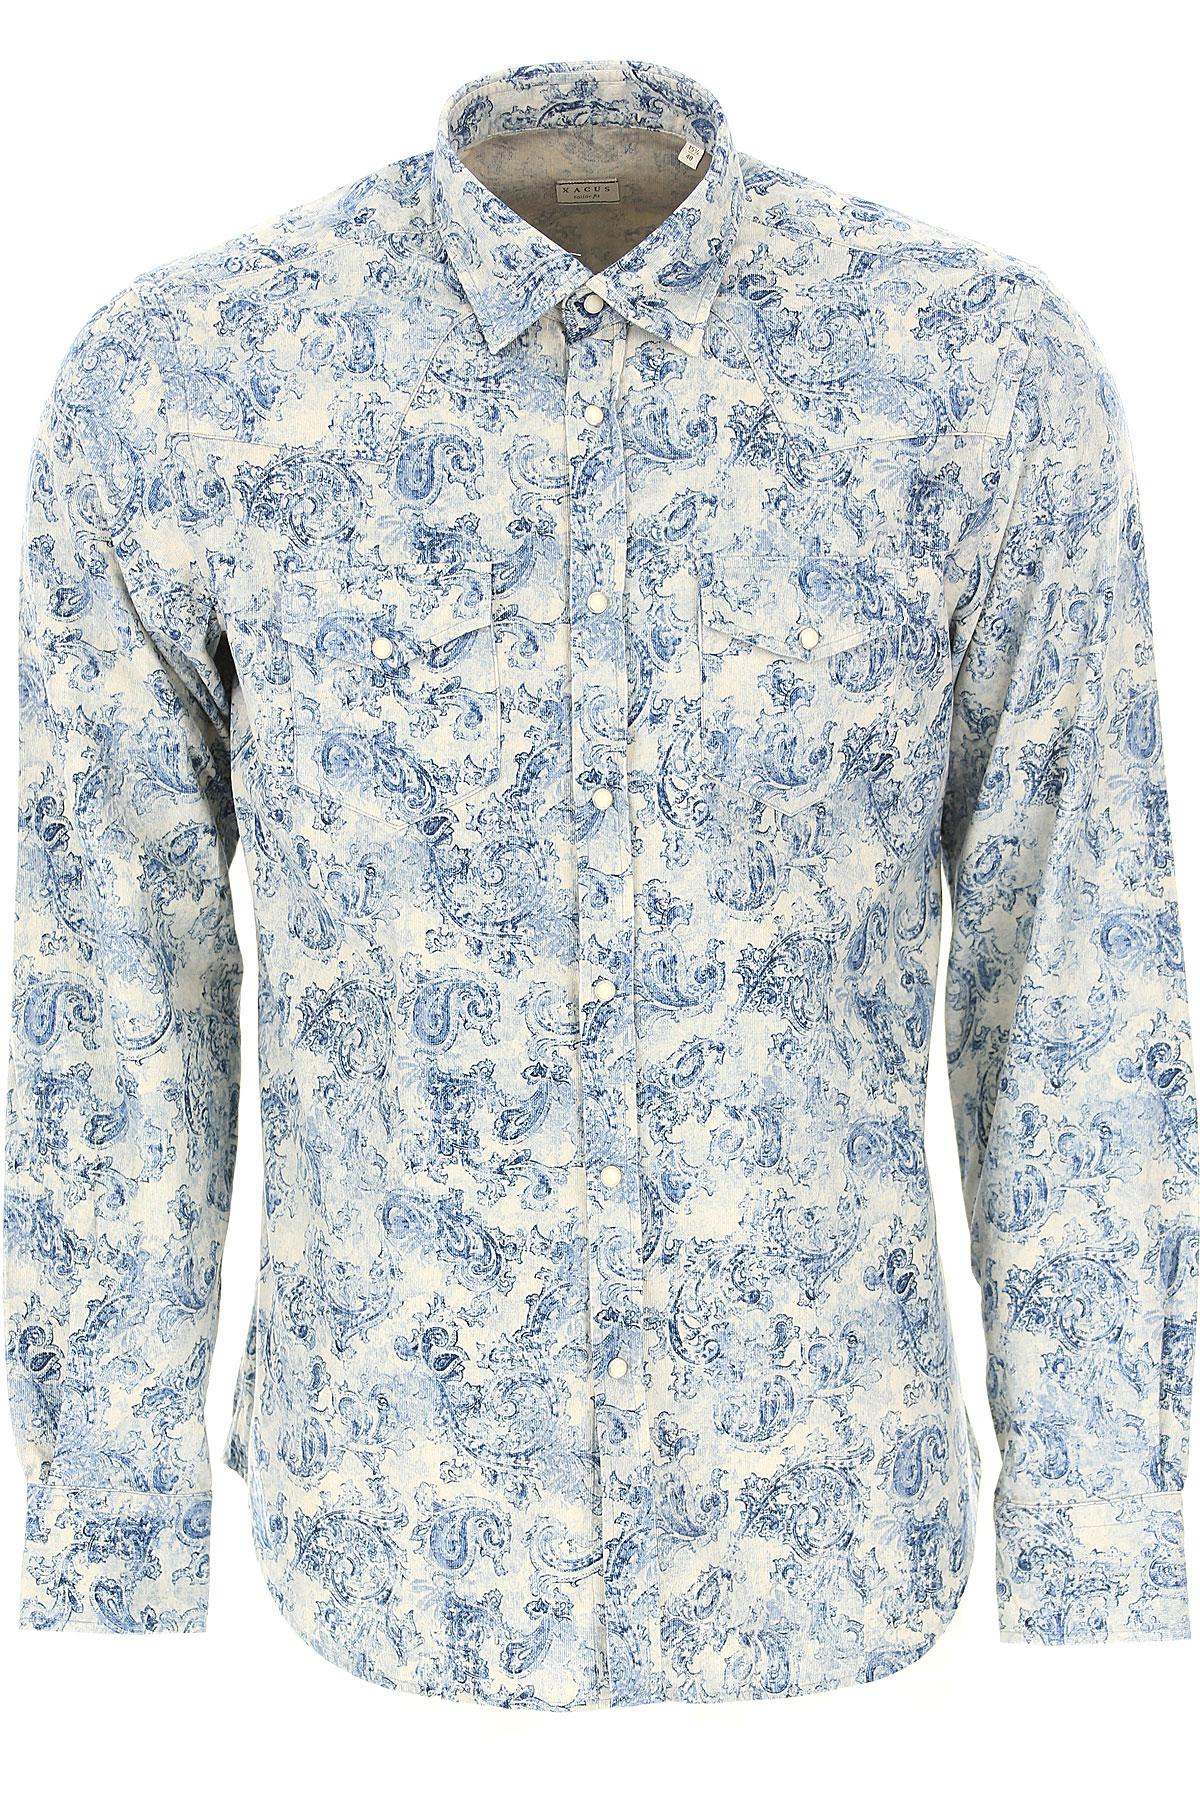 Xacus Shirt for Men On Sale, Denim Blue, Cotton, 2019, 15.5 15.75 16 16.5 17